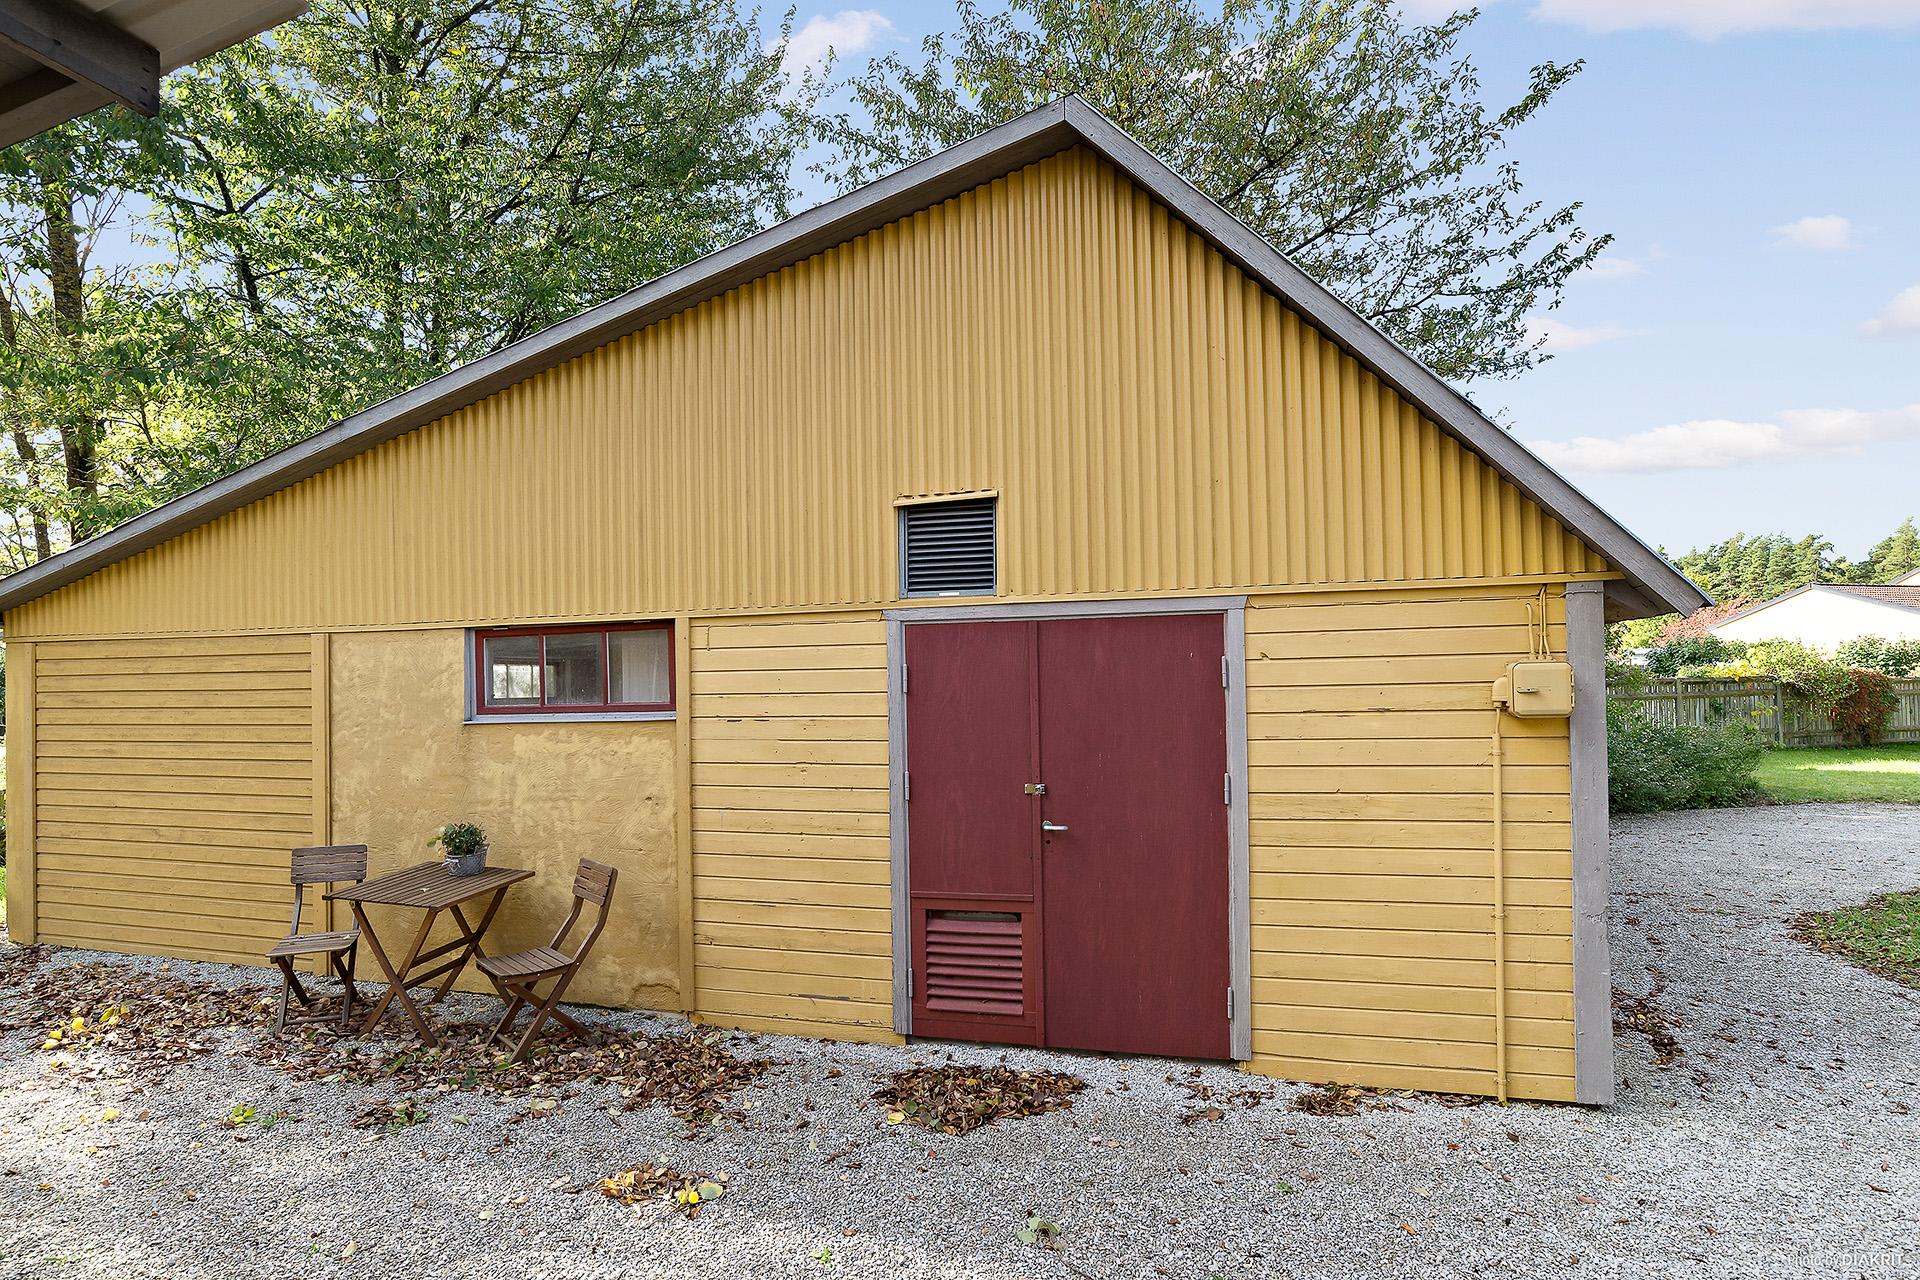 Garagebyggnad (garageport till vänster går att plocka fram igen)